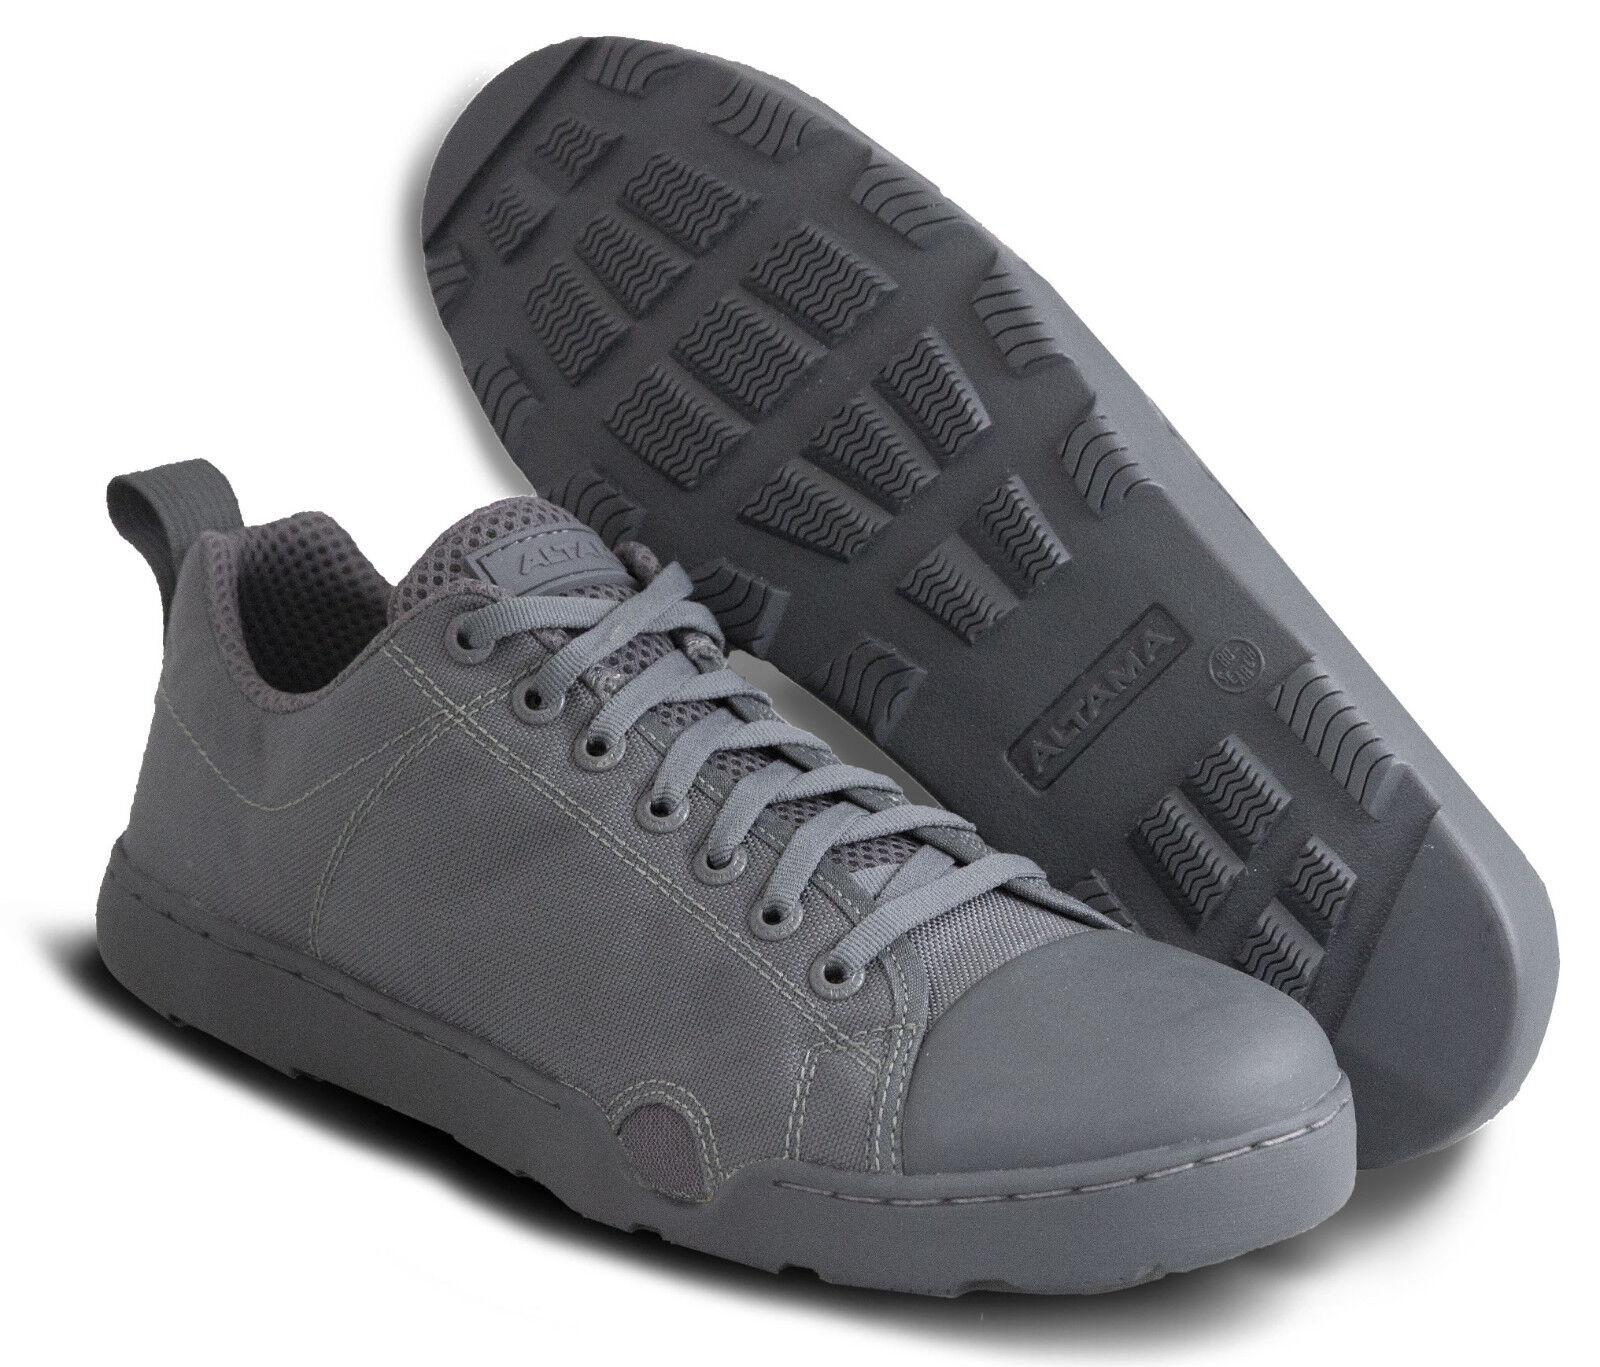 Altama Marítimo Fuerzas Especiales Asalto Zapato bajo gris